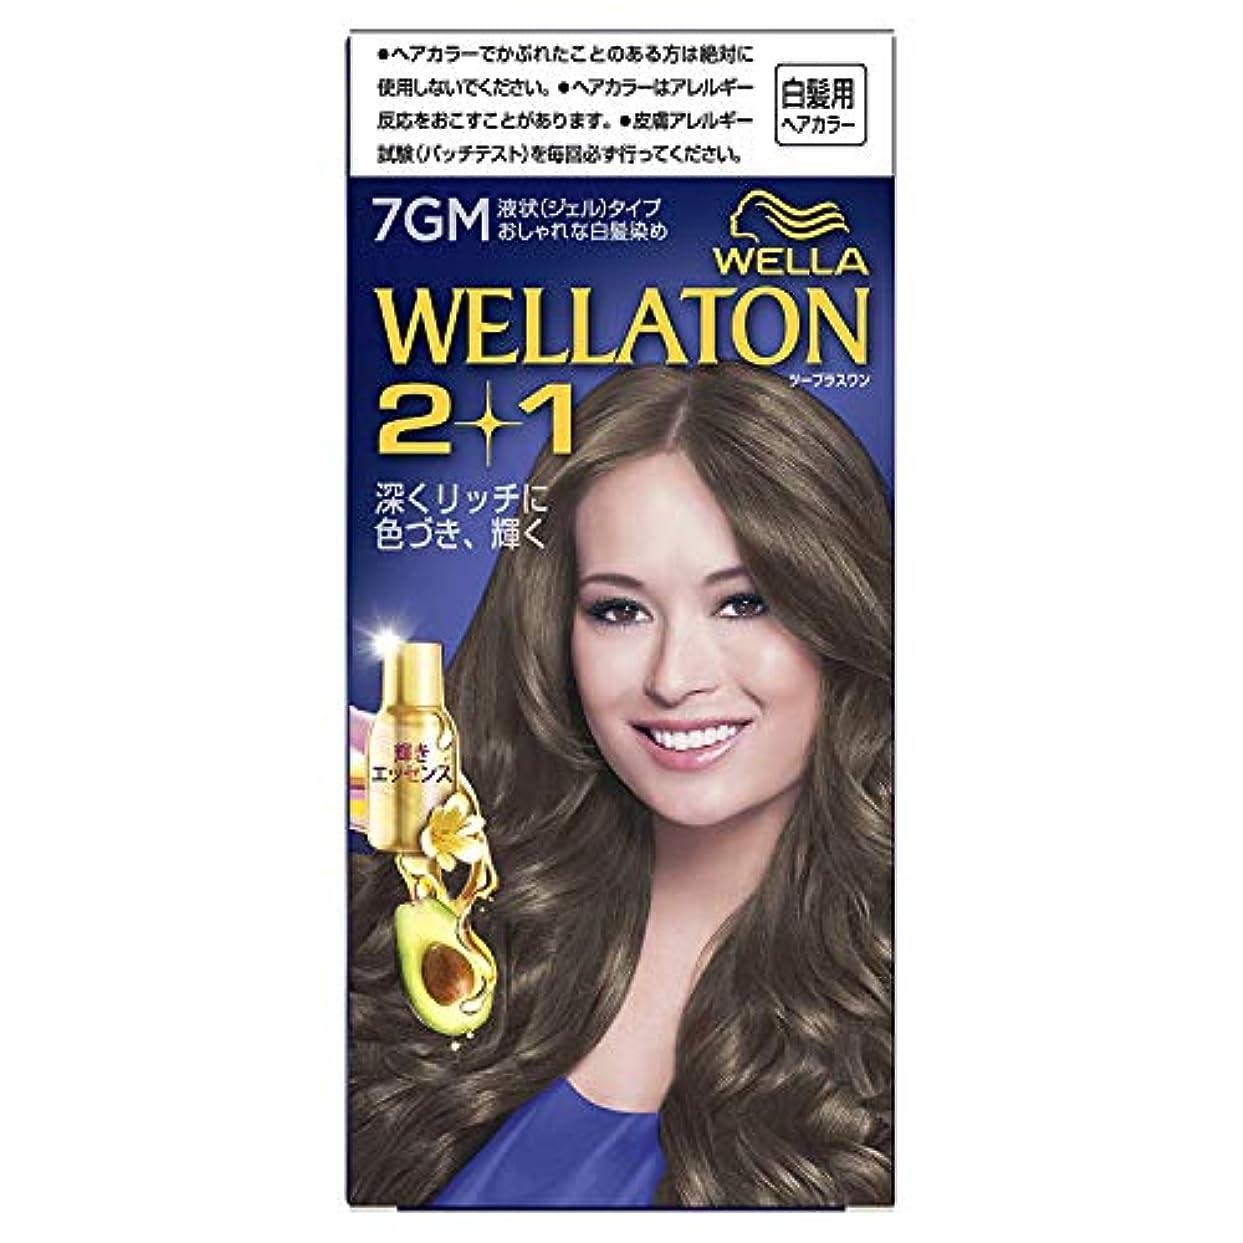 誇張するなくなる資格ウエラトーン2+1 液状タイプ 7GM [医薬部外品] ×3個